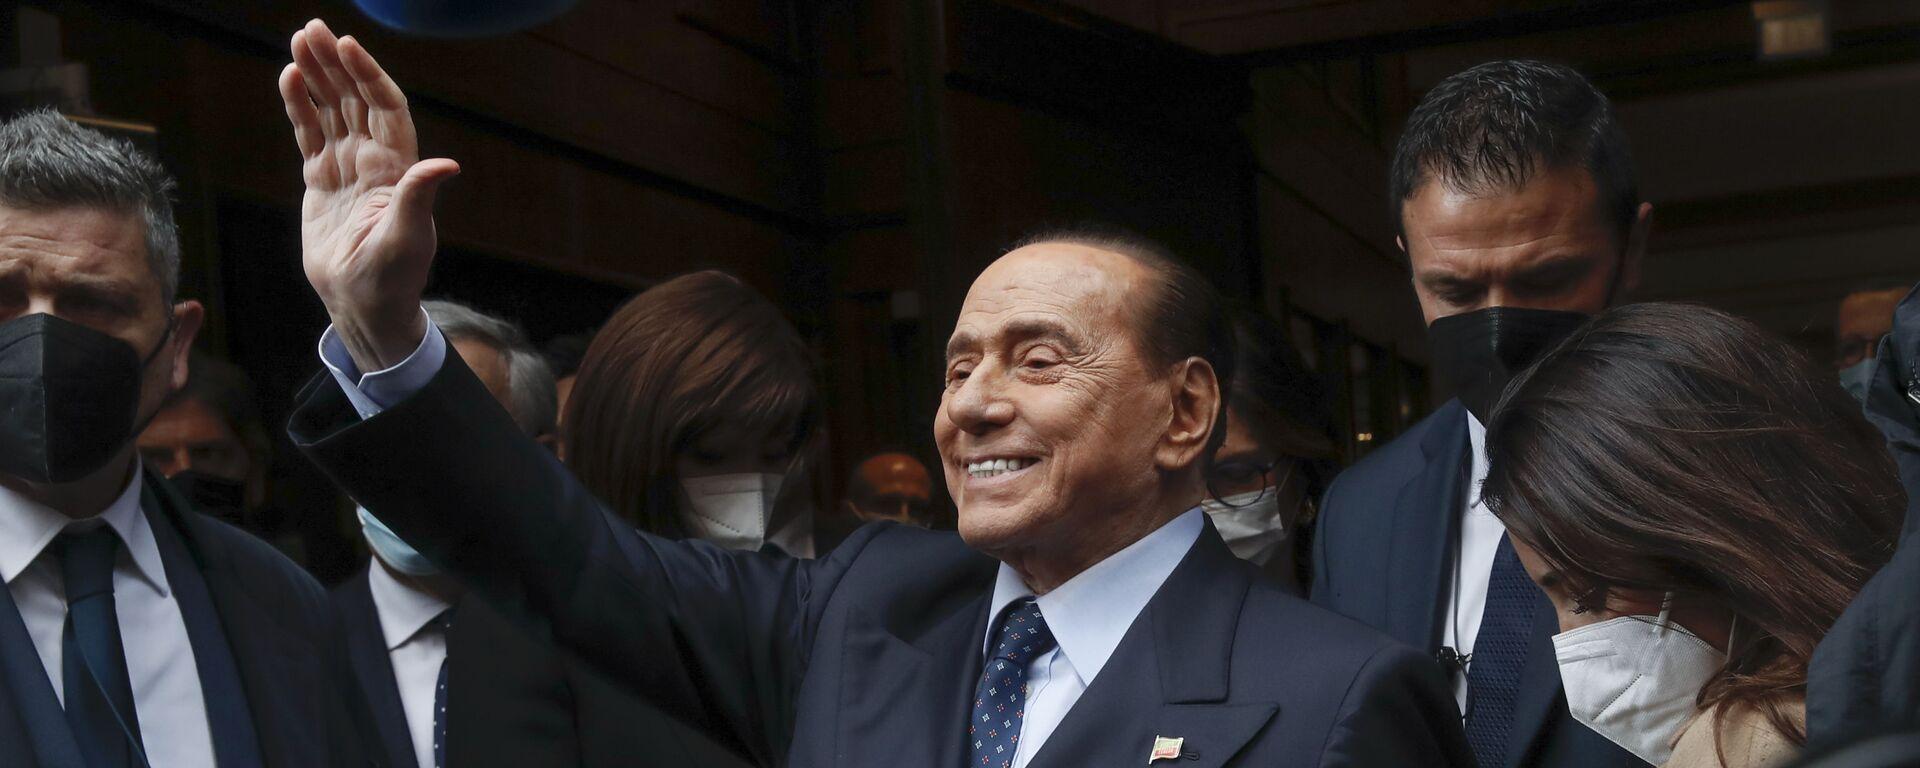 Бывший премьер-министр Италии Сильвио Берлускони - Sputnik Таджикистан, 1920, 11.03.2021